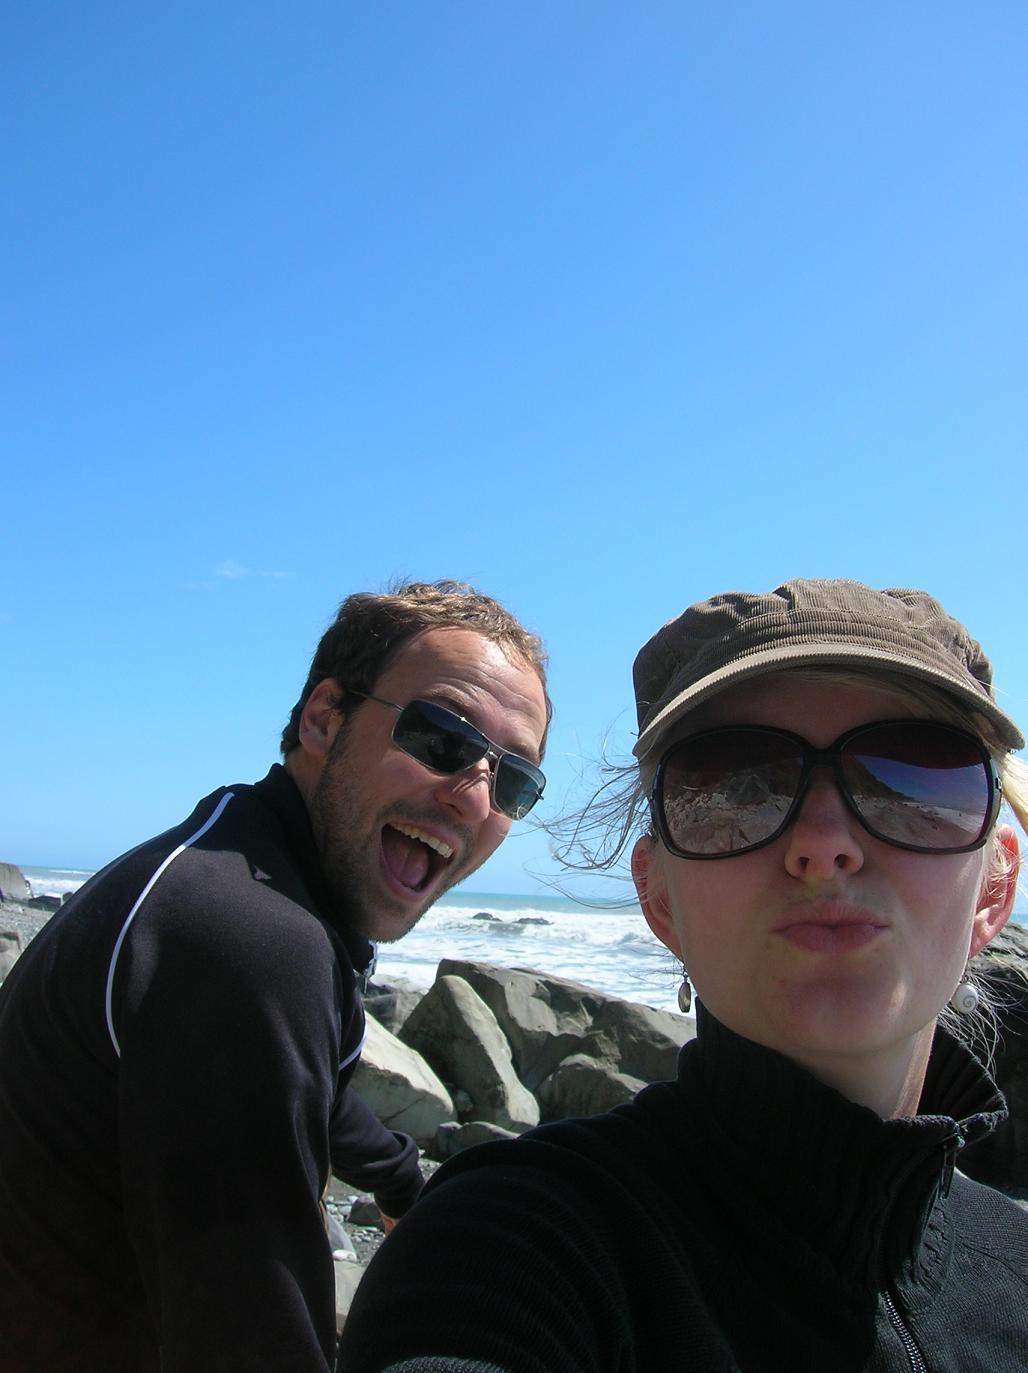 Blöd grinsen, Posieren, ich sag ja … Touristen